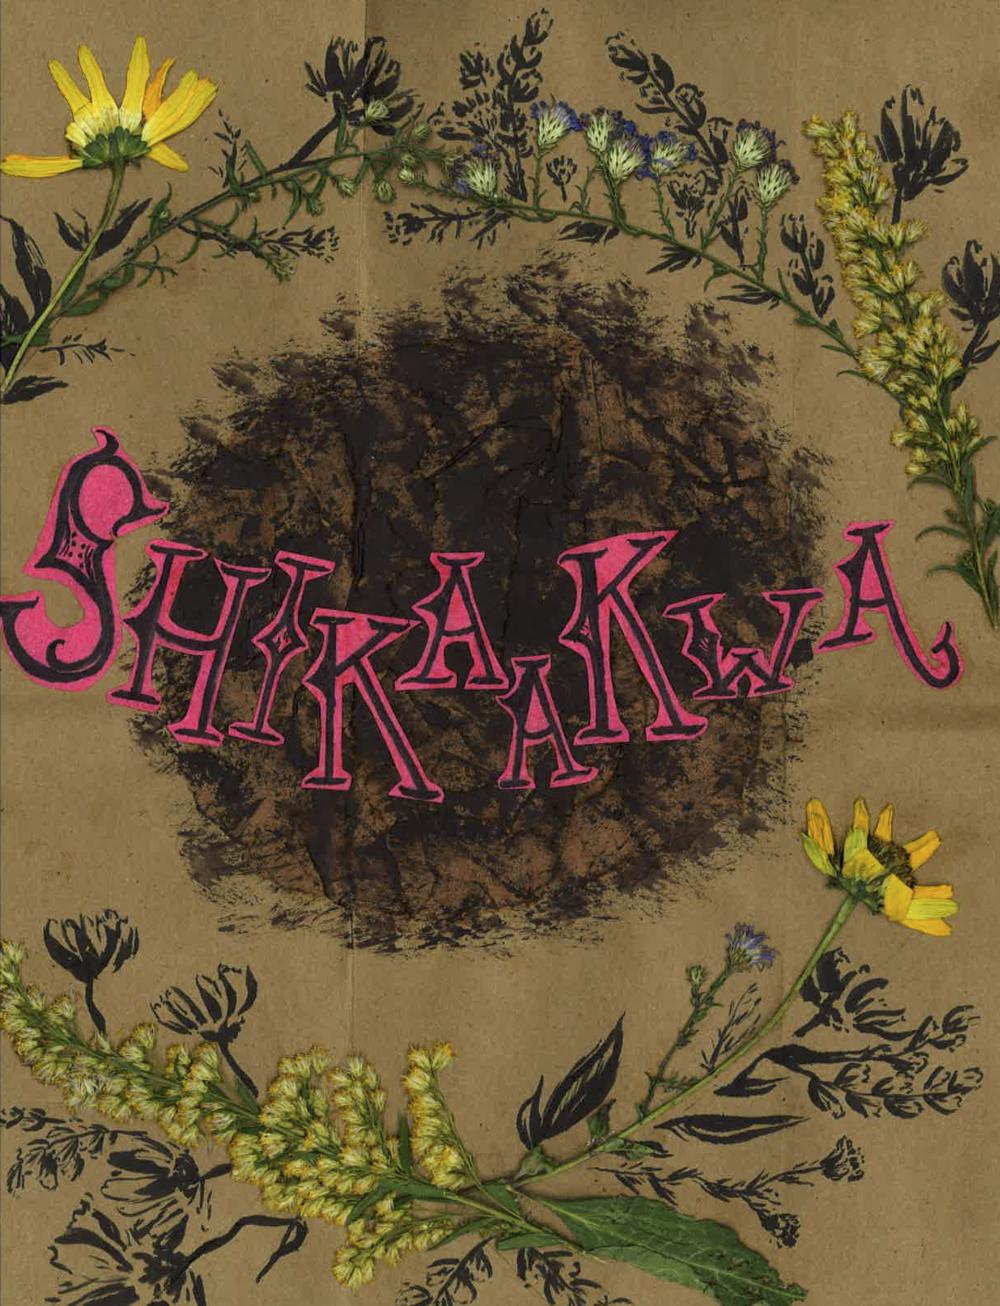 Shikaakwa Cover